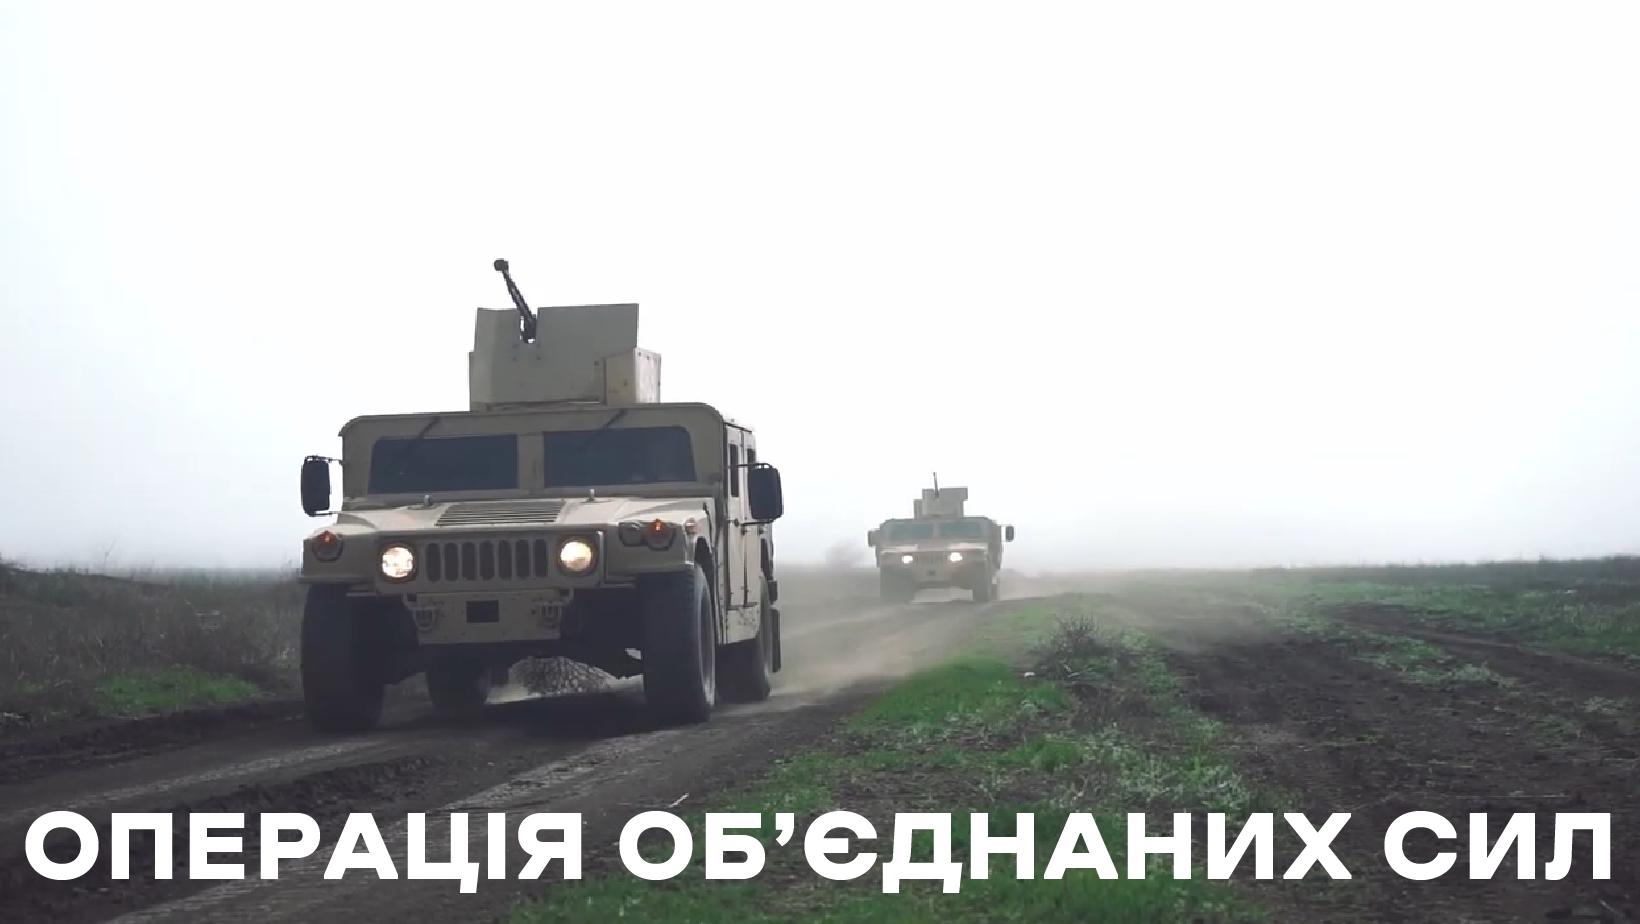 Операция на Донбассе: убит украинский военный, еще один ранен